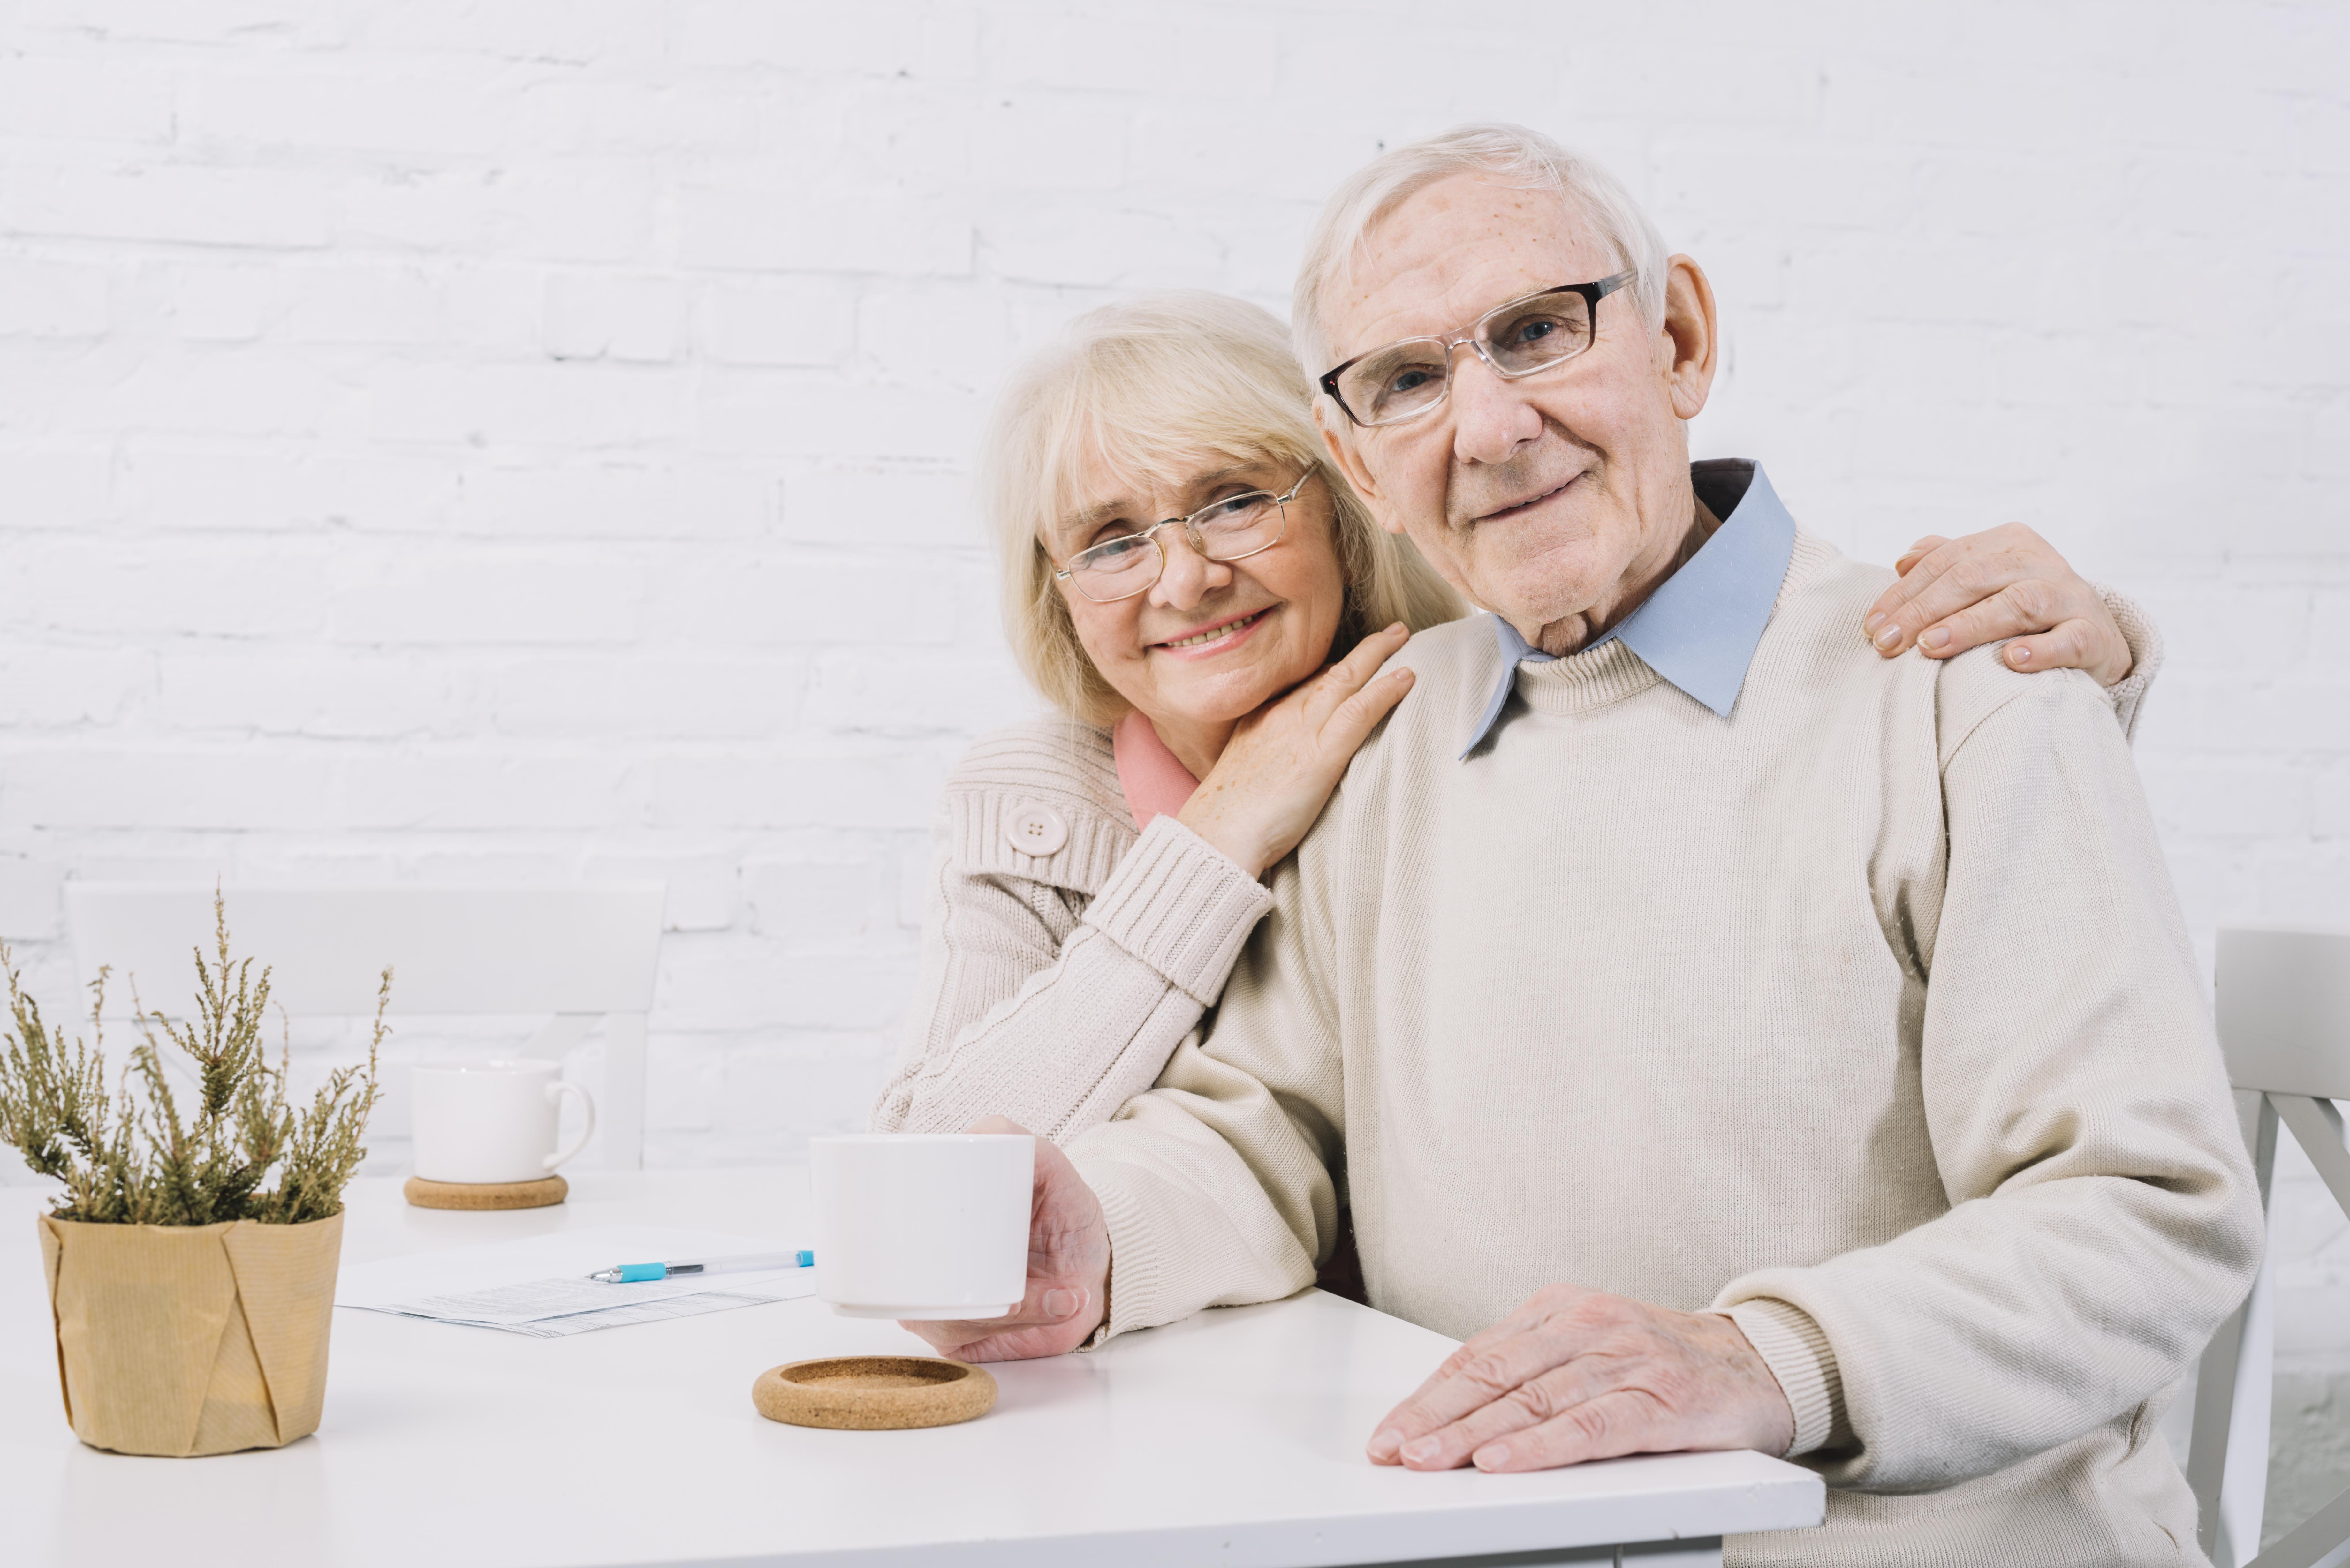 Les conséquences des chutes des personnes âgées